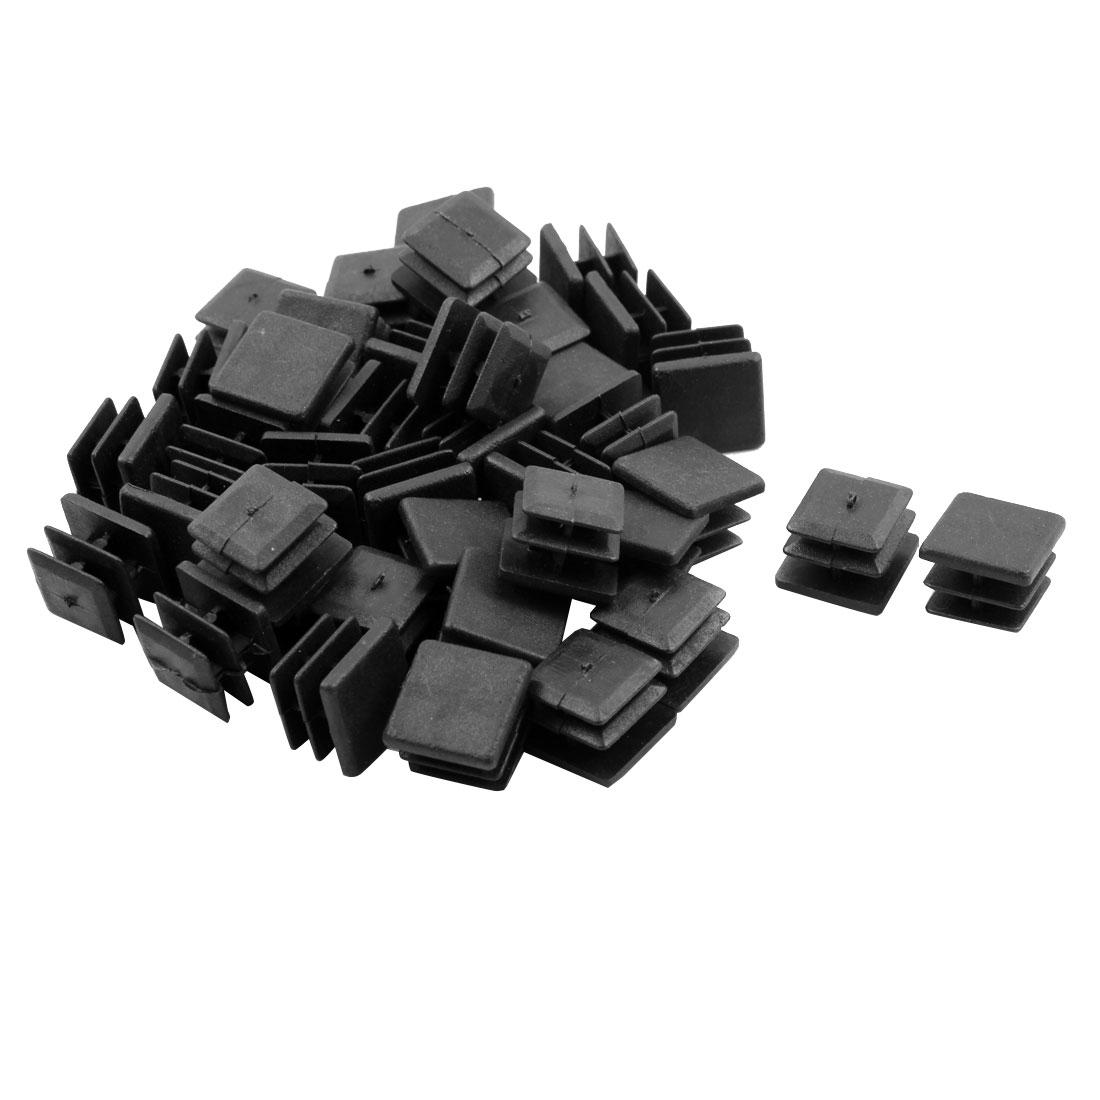 Furniture Plastic Square Tube Insert Cover Cap Cushion Black 15 x 15mm 40pcs